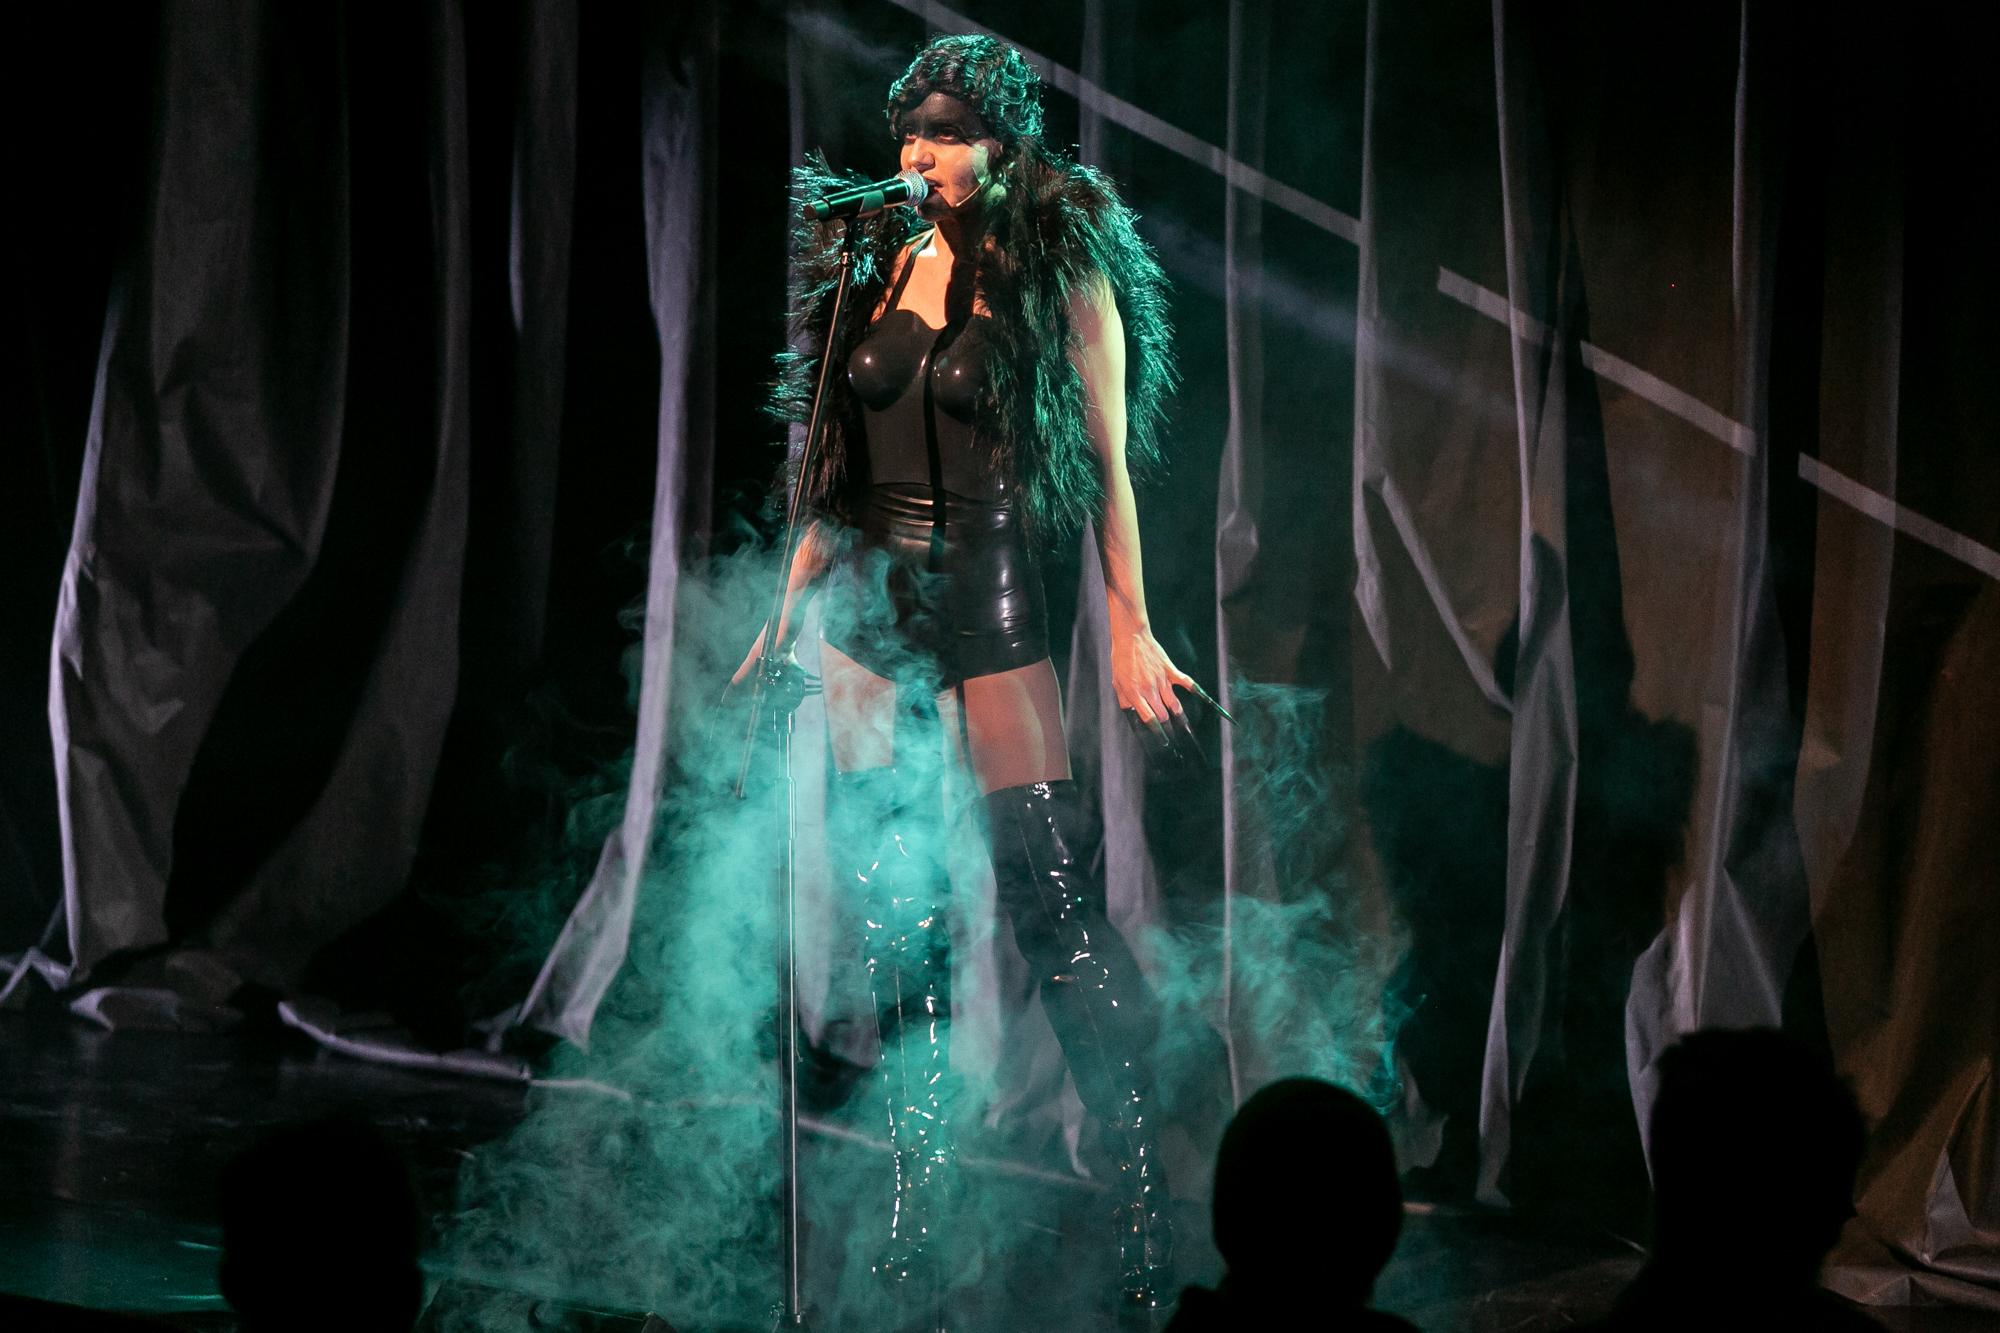 W centrum kadru, na tle czarnej, fałdowanej kurtyny, stoi Norbert Zły (Lilith), kobieta-drag queen. Ma czarne, krótkie włosy ułożone w falowaną fryzurę, czoło i powieki pomalowane czarną farbą. Jest w czarym lateksowym kostiumie bez ramion i rękawów, z krótkimi spodenkami. Ma lateksowe kozaki za kolano i czarne, przejrzyste rajstopy, pace zakończone nakładanymi, czarnymi szponami, na ramionach krótkie, czarne, puszyste futerko bez rękawów. Śpiewa do mikrofonu, do kolan przesłania ją dym. Scena jest oświetlona seledynowym światłem.